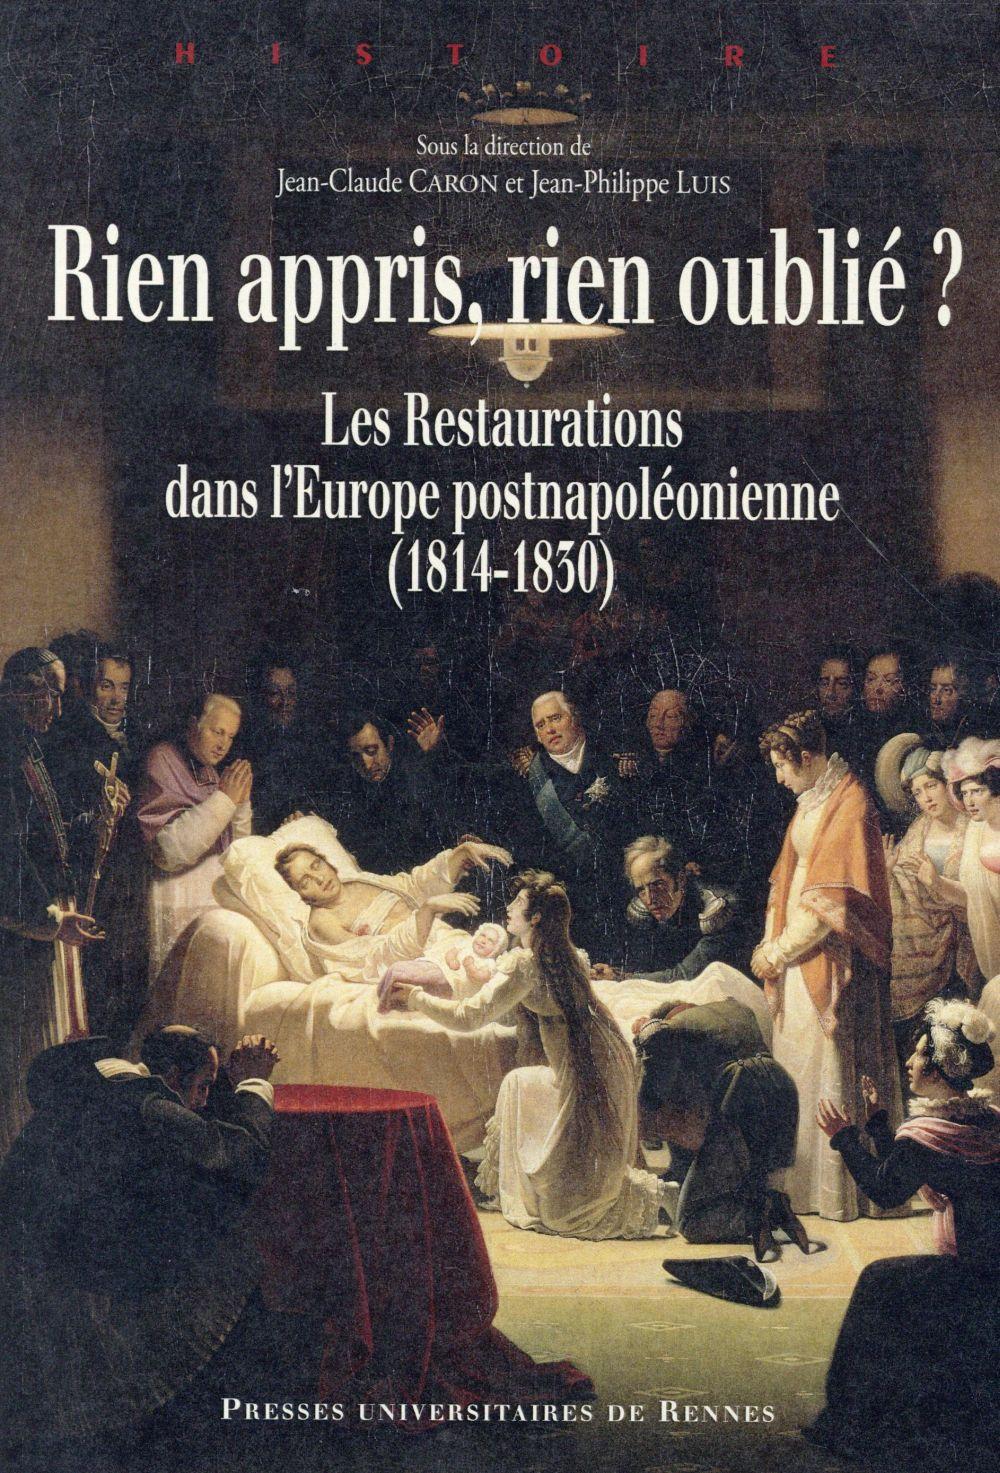 RIEN APPRIS, RIEN OUBLIE ? LES RESTAURATIONS DANS L'EUROPE POSTNAPOLEONIENNE, 1814-1830